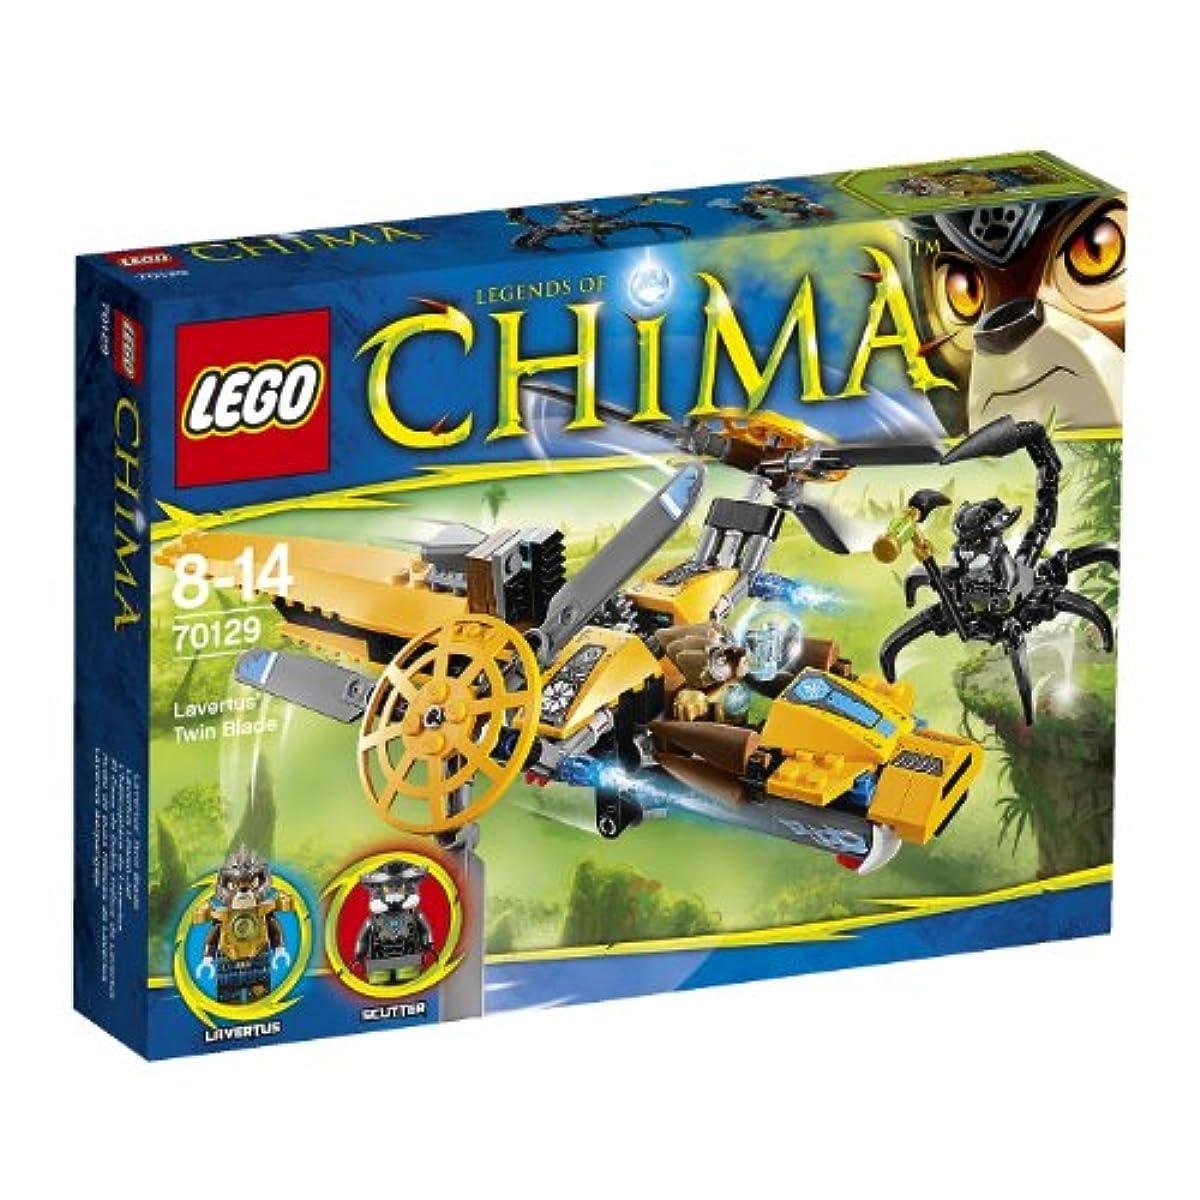 [해외] 레고 (LEGO) 찌마 라벨다스의 트윈 블레이드 헬리콥터 70129-70129 (2014-03-07)